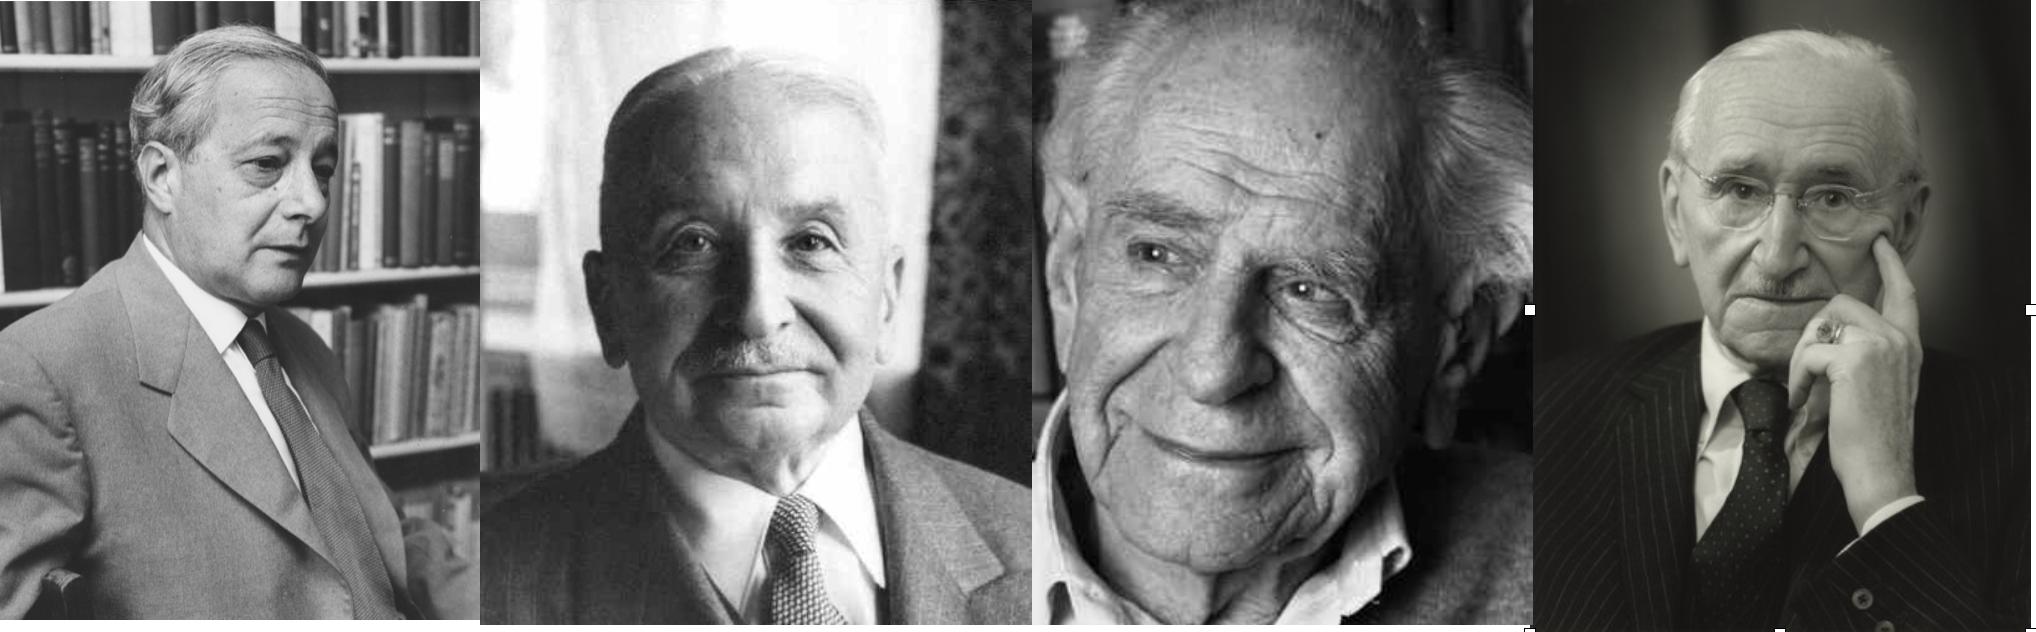 A la Sociedad Monte Pelerin asistían científicos, economistas, inetlectuales. En la imagen Michael Polanyi, Ludwig von Mises, Karl Popper y Friedrich Hayek.